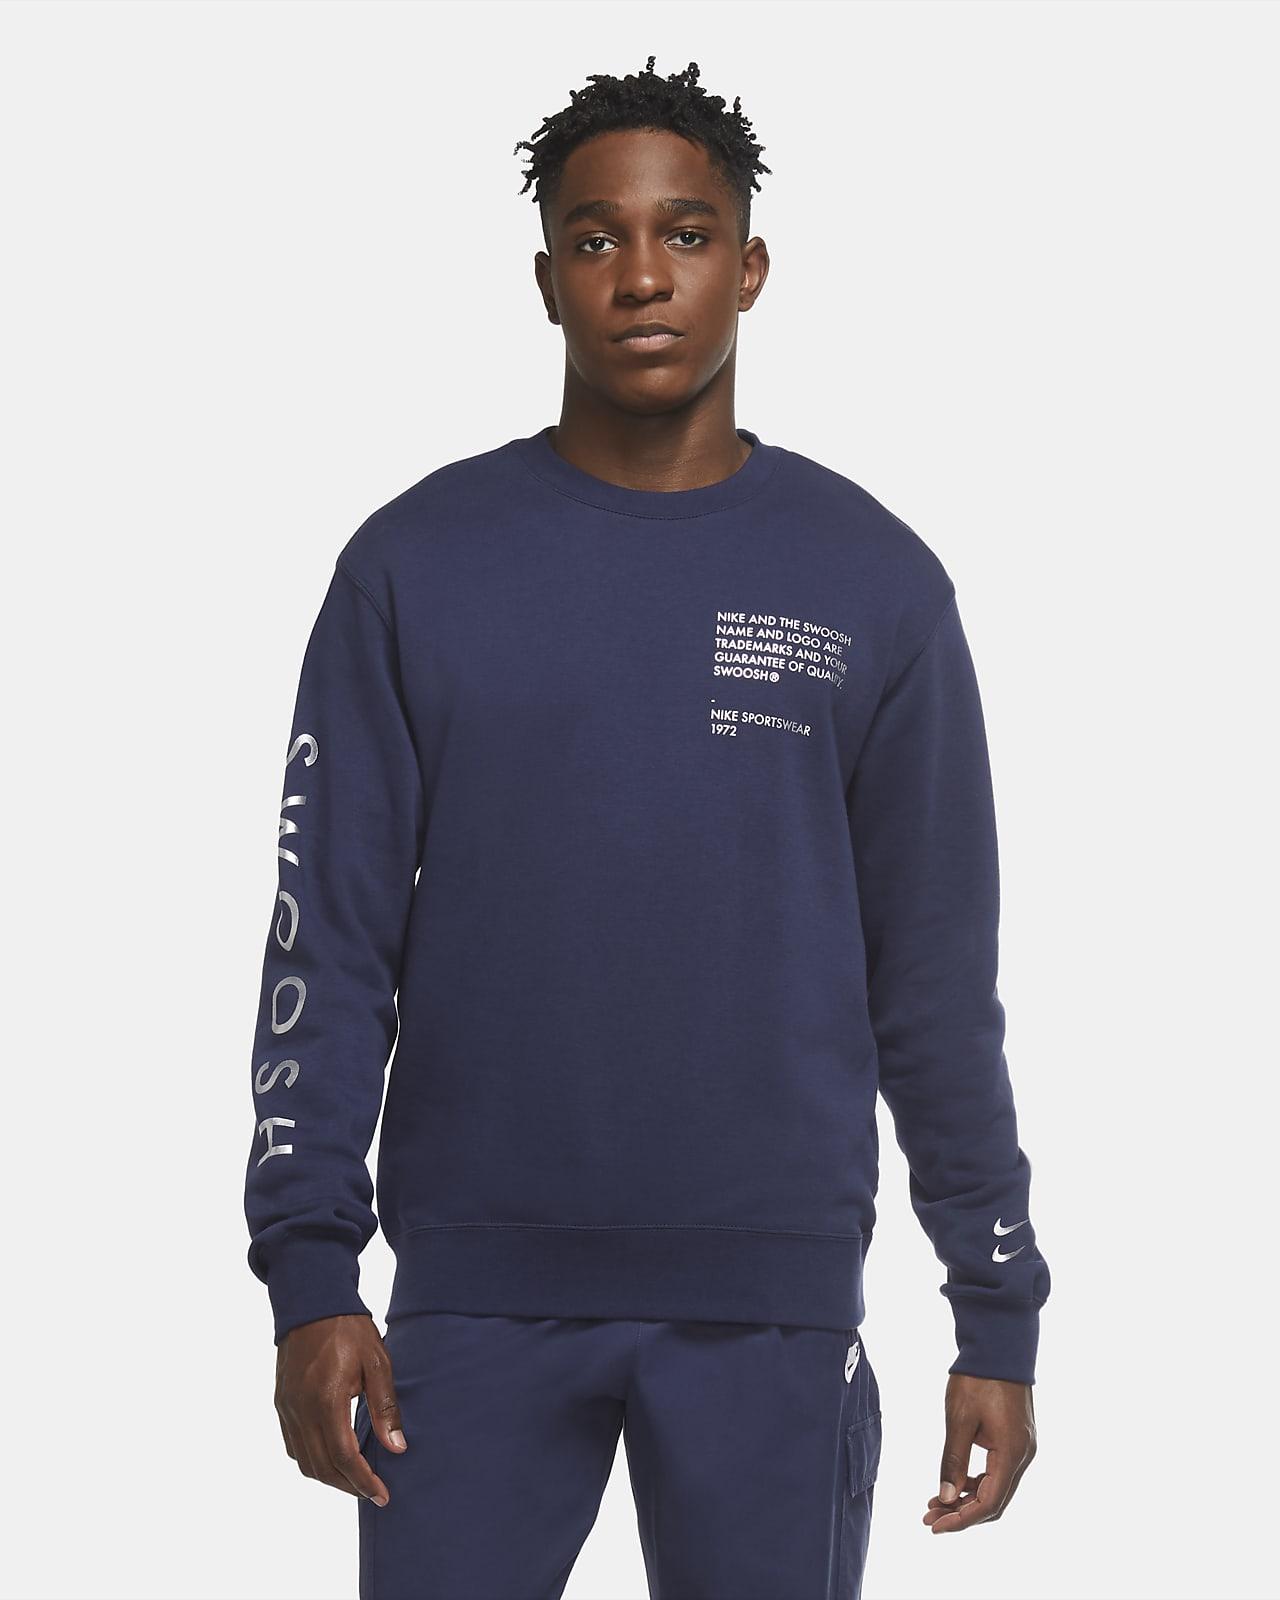 Tröja med rundad hals Nike Sportswear Swoosh för män